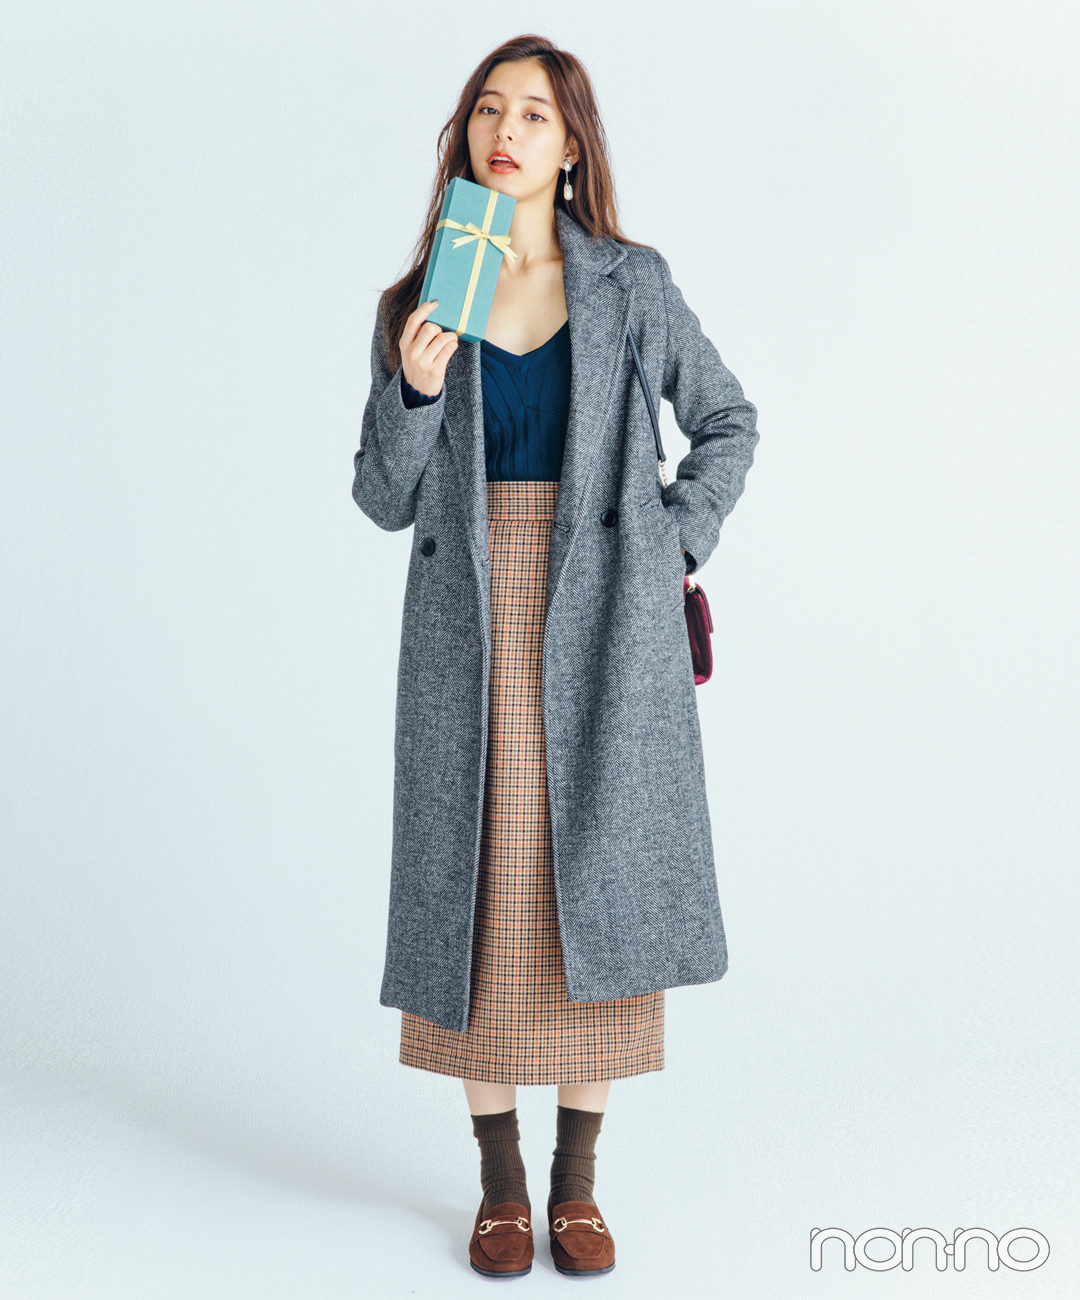 新木優子は鎖骨見せニットでマニッシュコートを色っぽく【毎日コーデ】